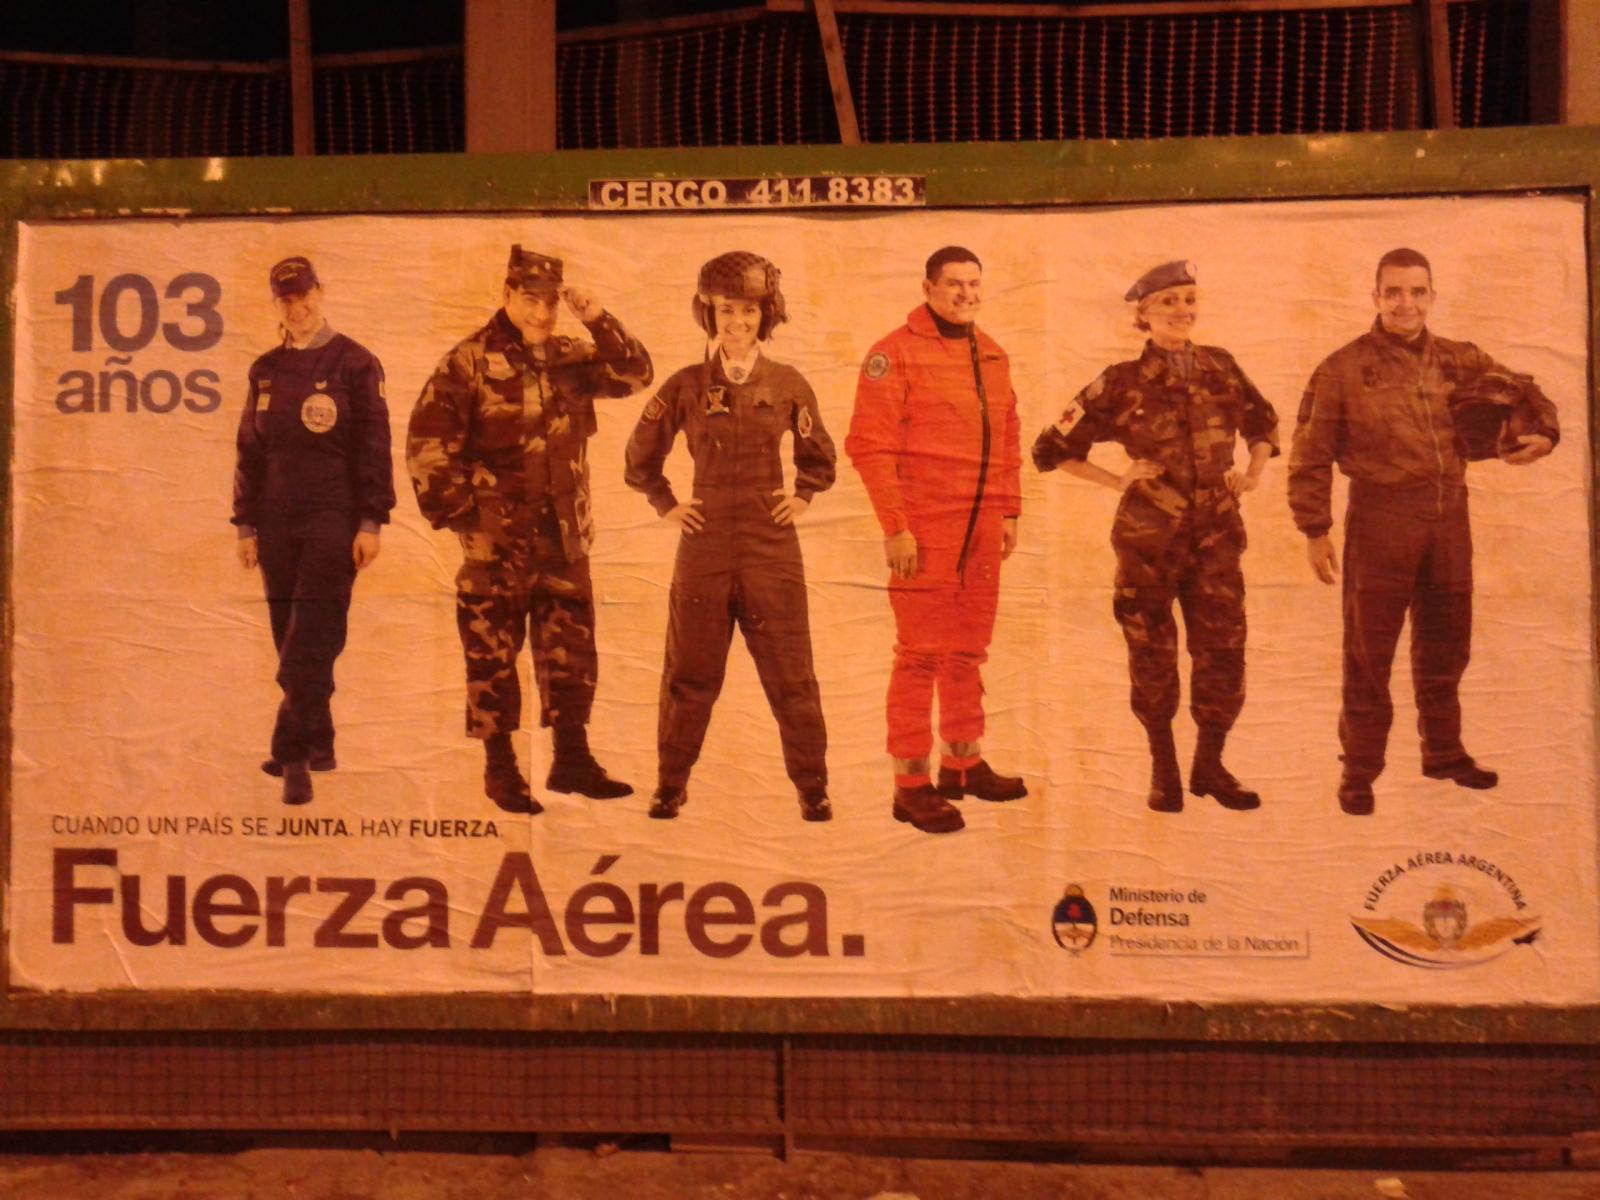 Aniversario de la Fuerza Aérea Argentina - Página 3 Whlag6